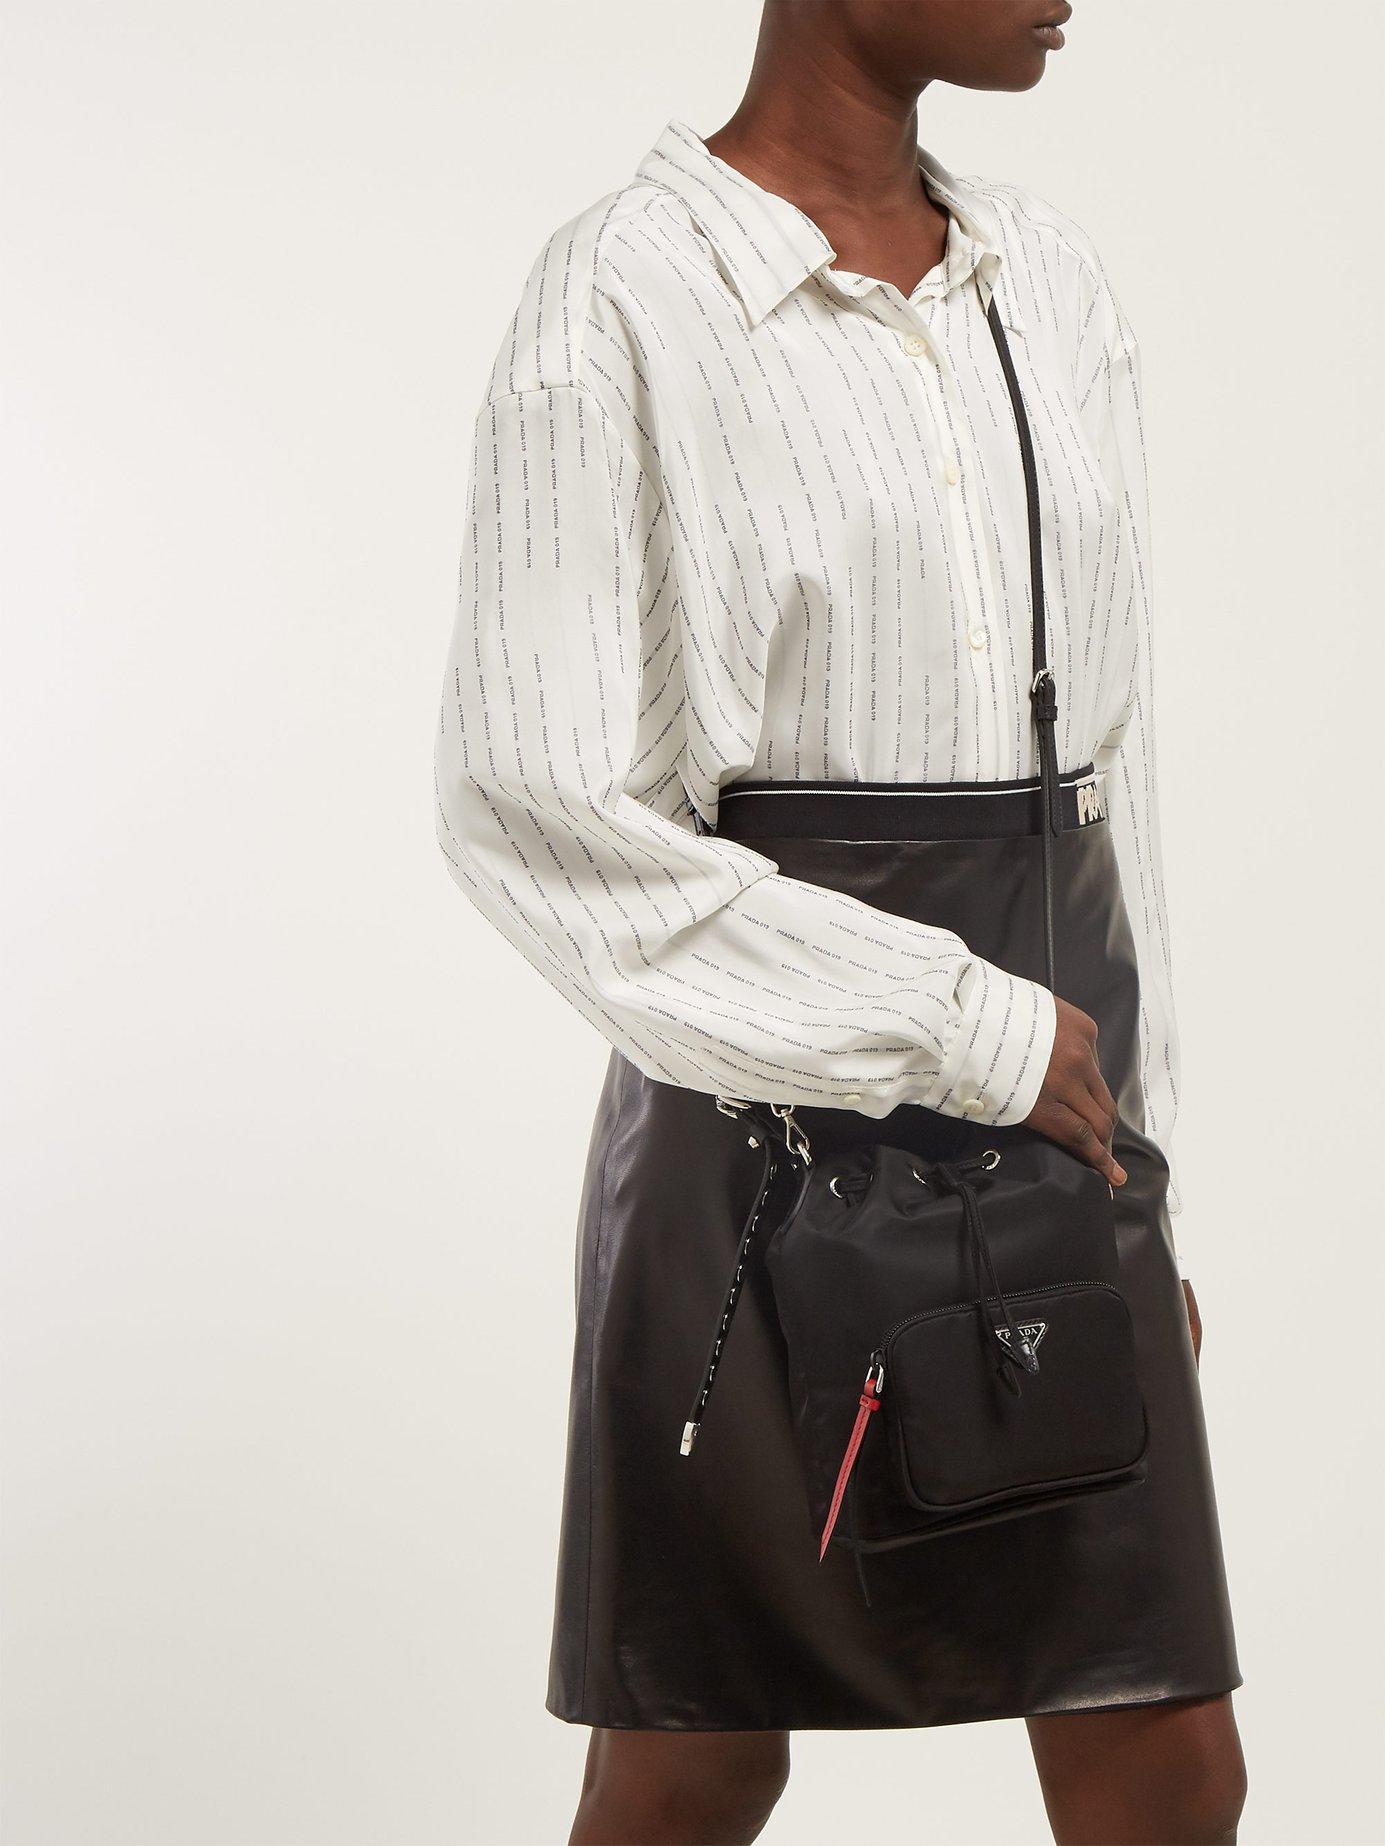 bd04d34d03ed01 Prada New Vela Studded Nylon Bucket Bag in Black - Lyst